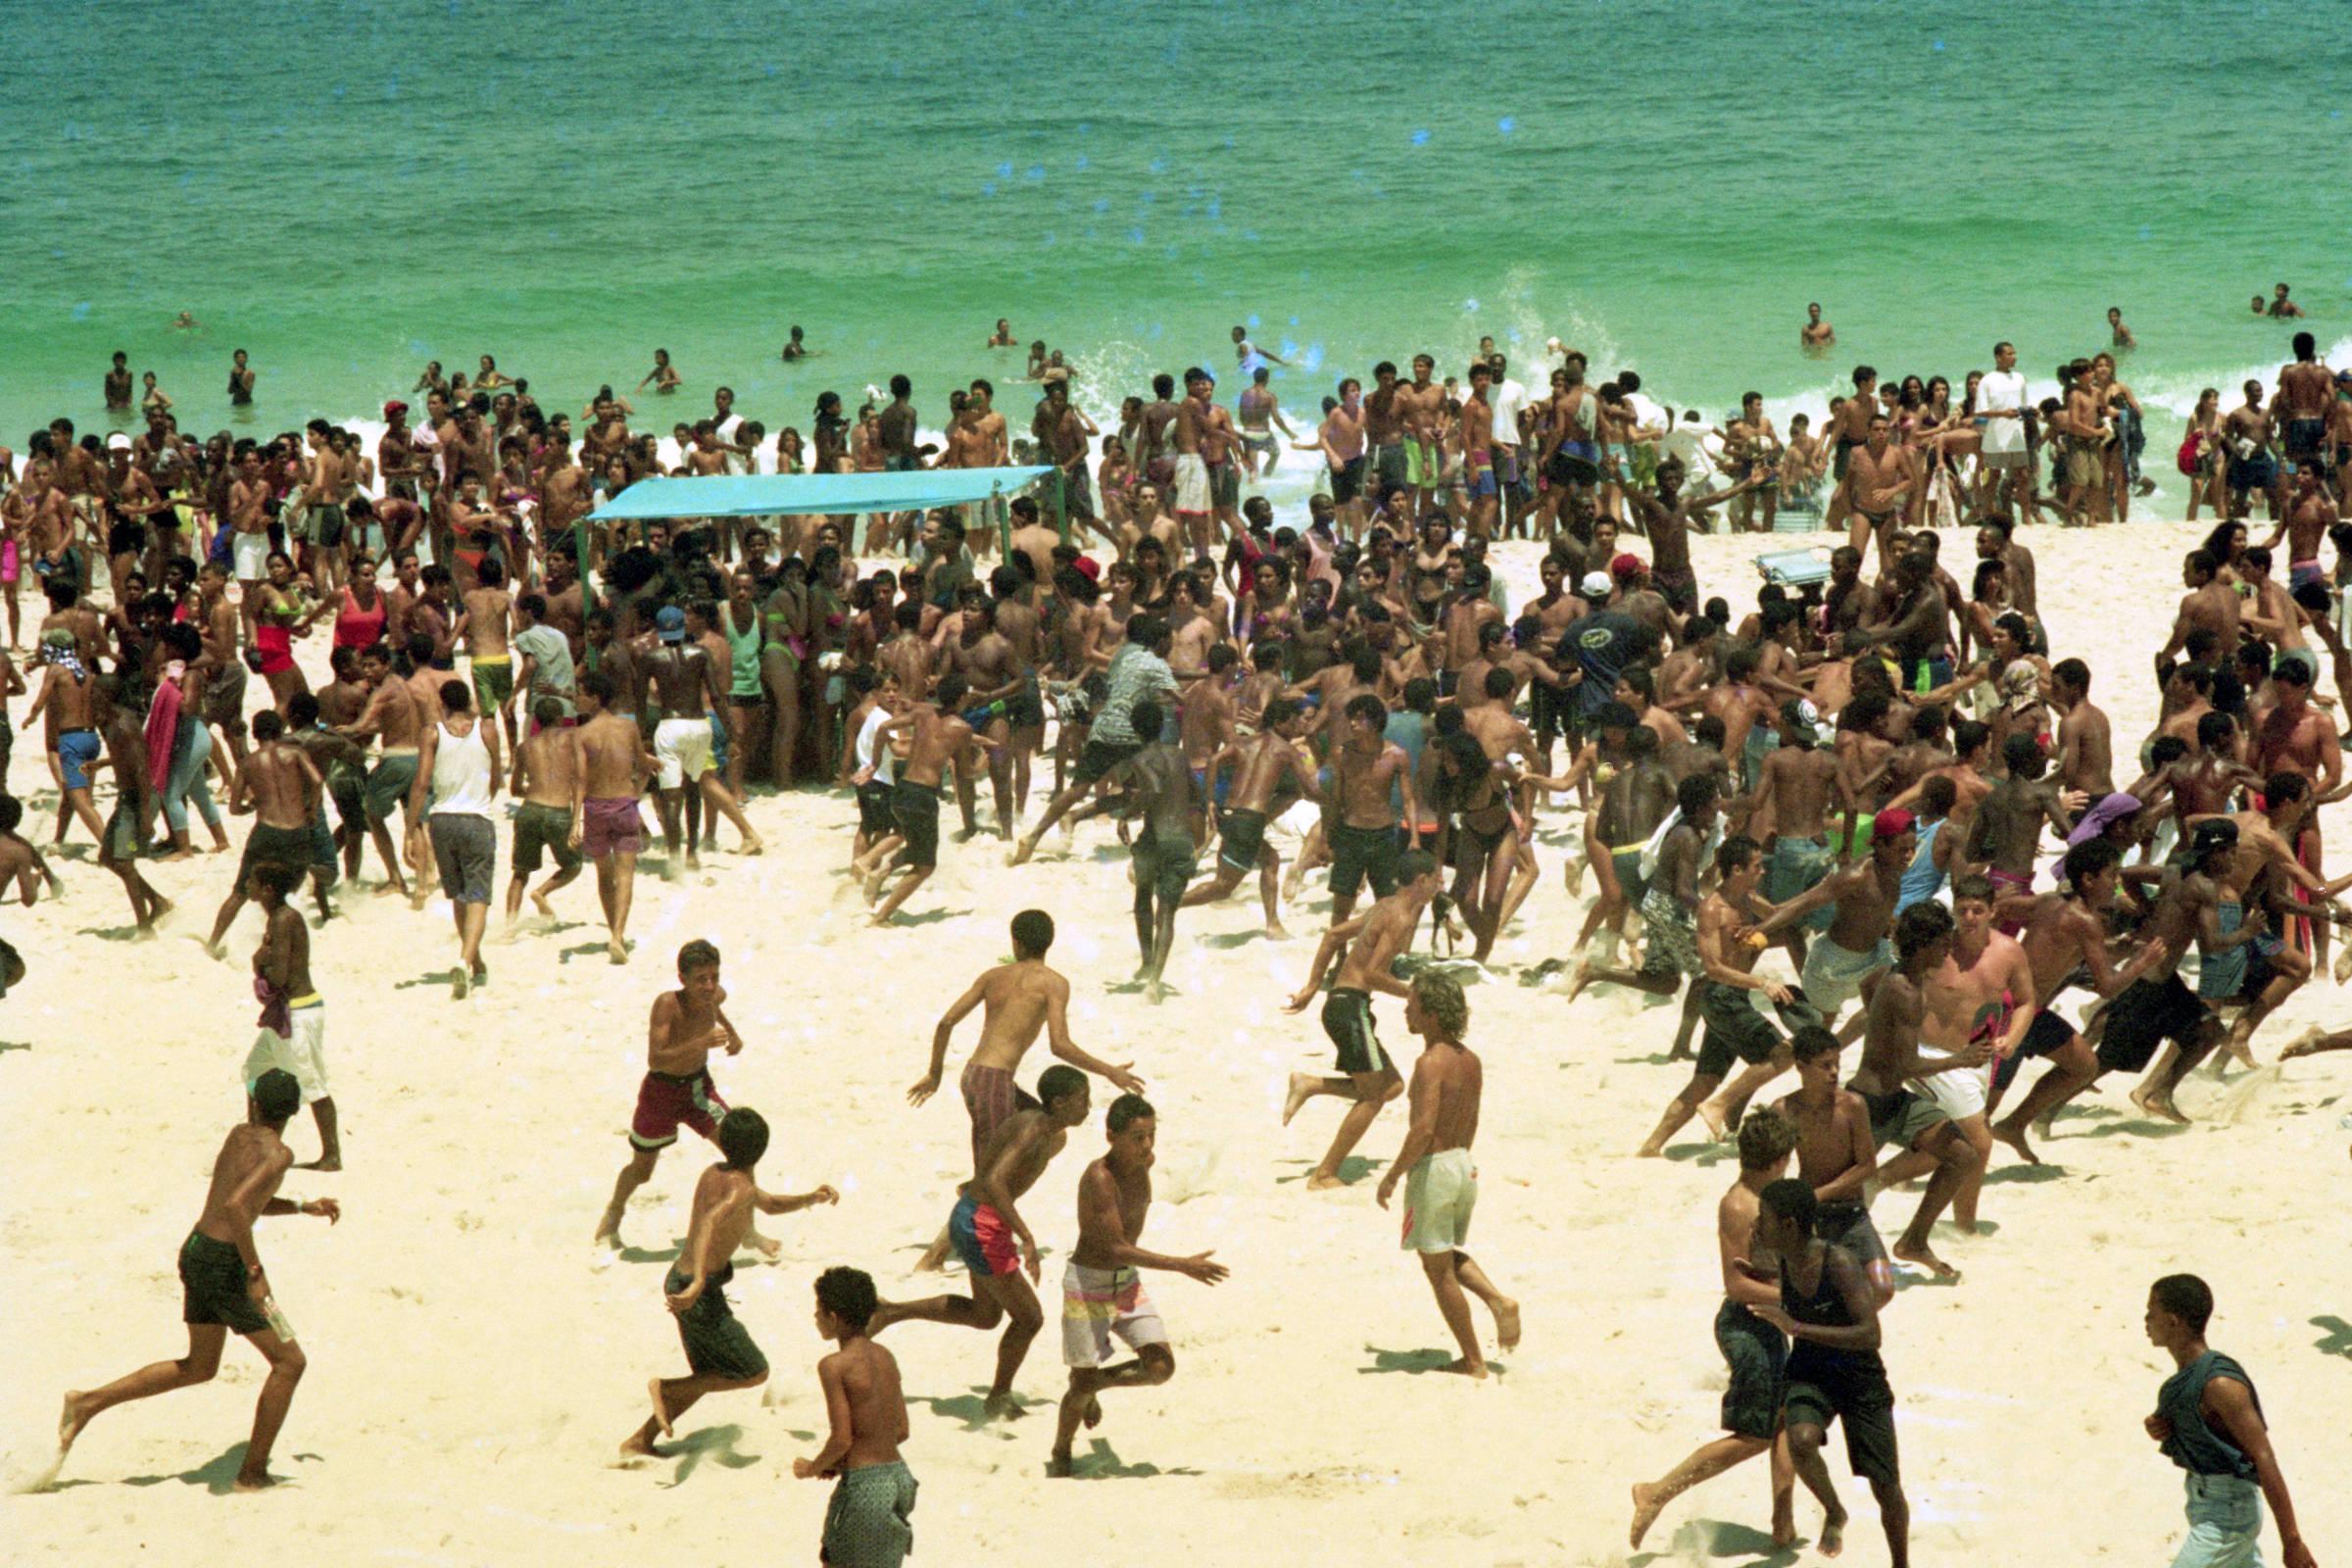 Em 1993, os cariocas assistem, na praia de Ipanema, no Rio, ao início de uma nova modalidade de assalto em massa, que recebeu a alcunha de arrastão